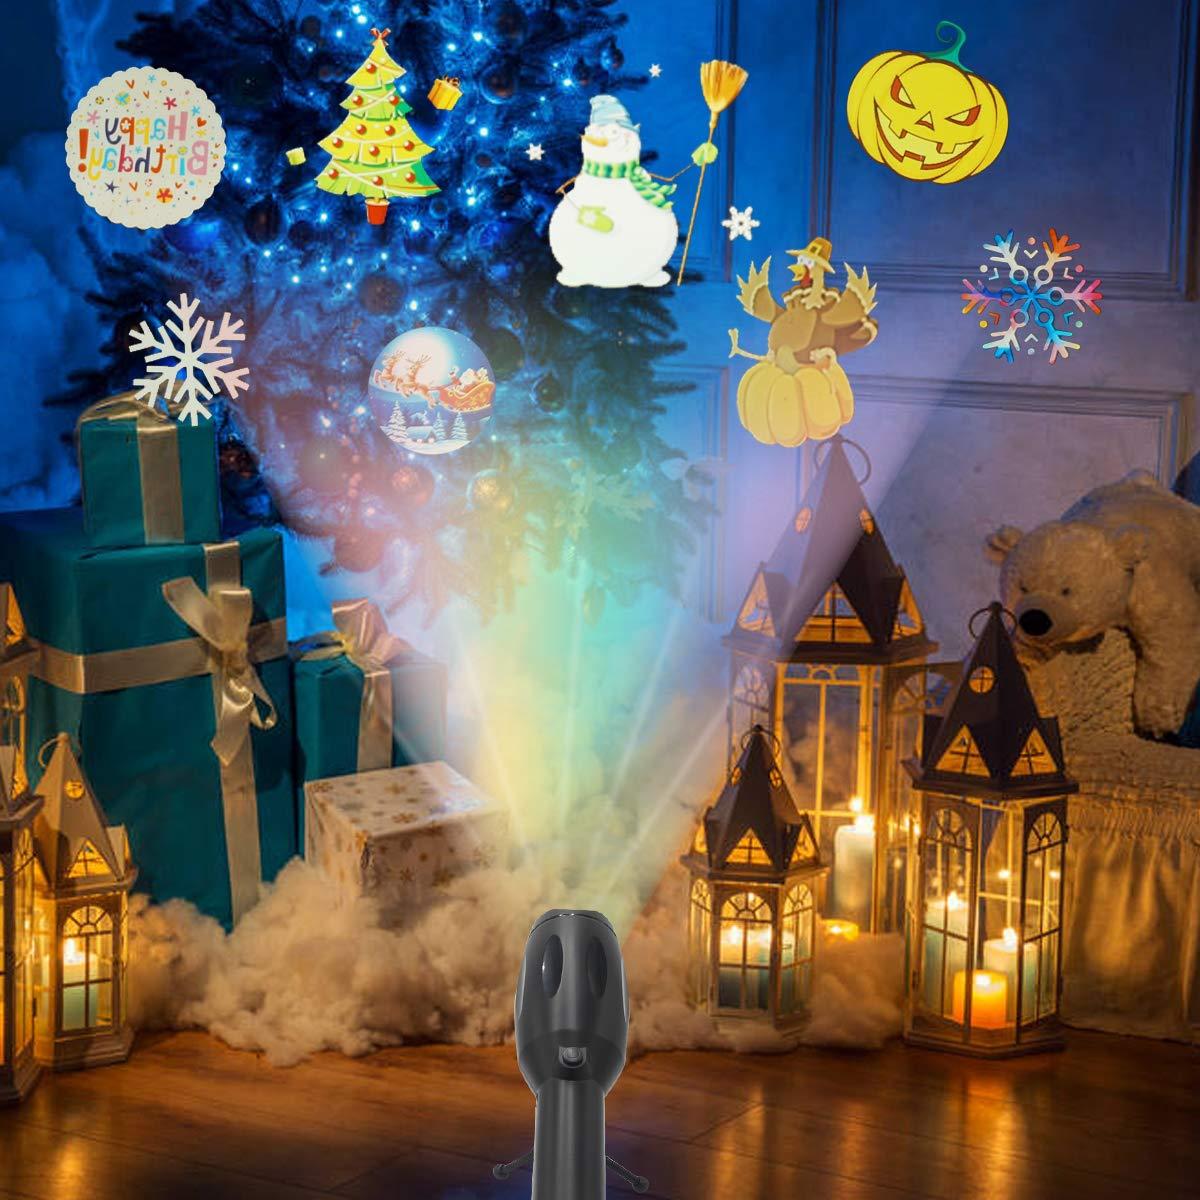 LED-Projektor für Weihnachten, Handheld-LED-Projektor 12 Folienmuster mit Musik für Geburtstag, Halloween, Weihnachten, Neujahr